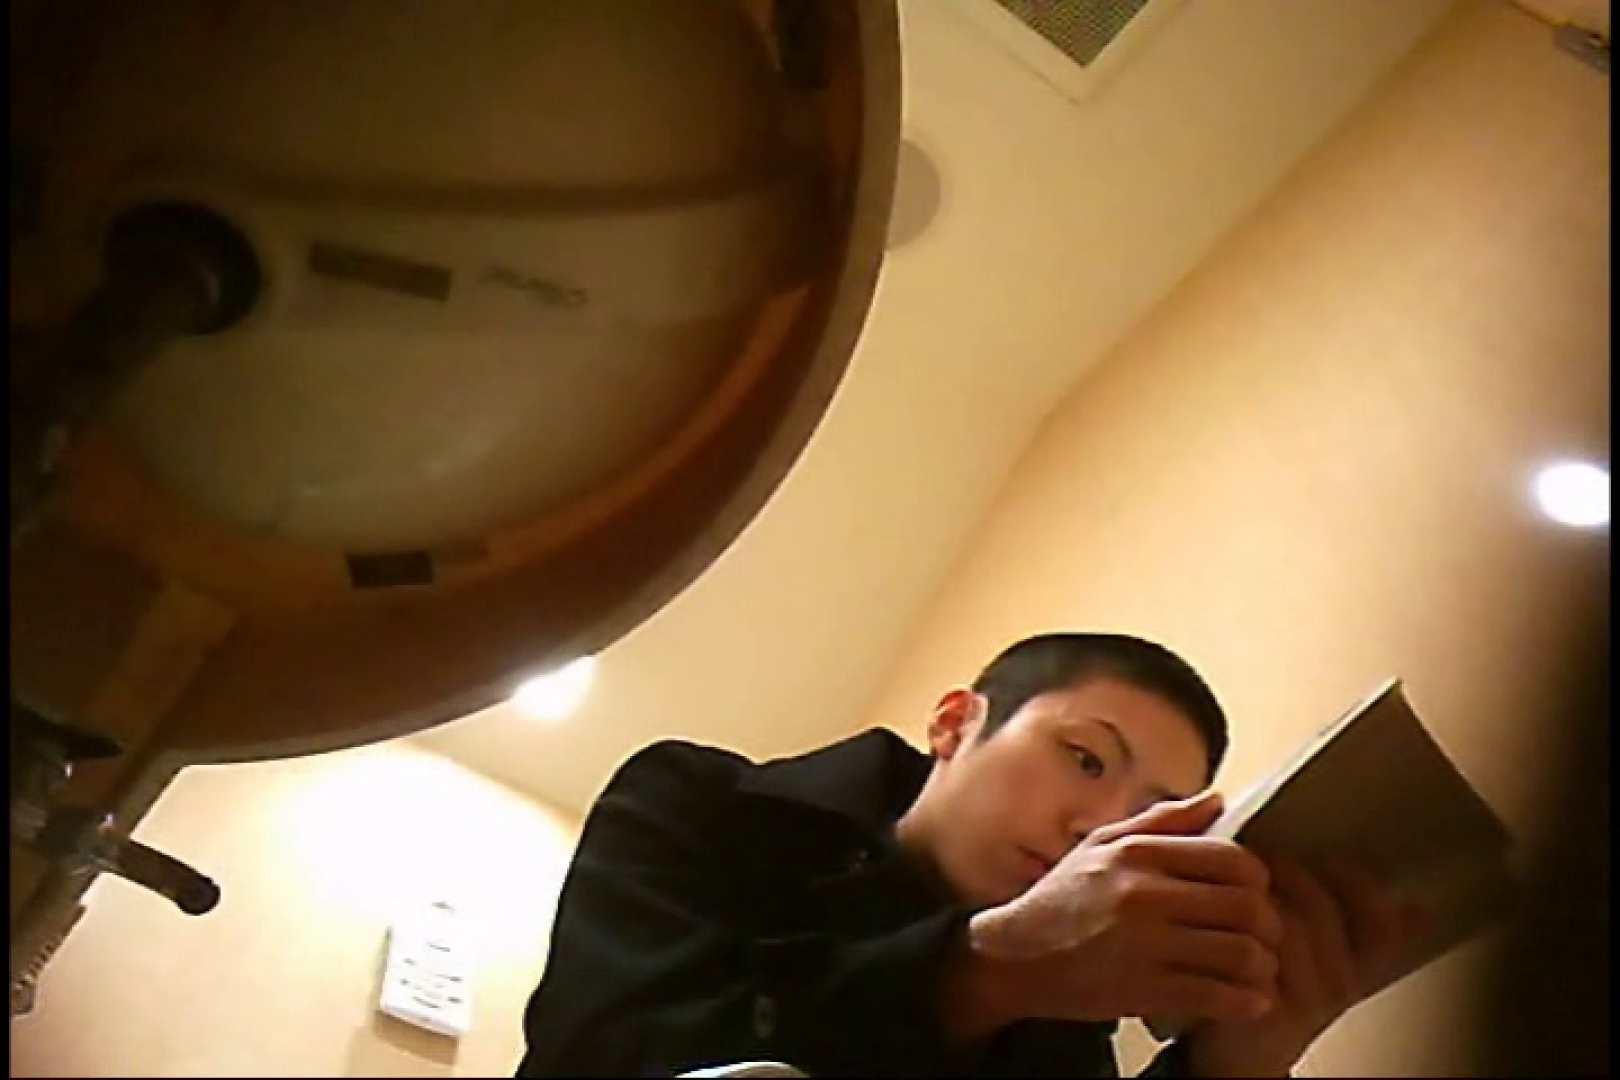 Gボーイ初投稿!掴み取りさんの洗面所覗き!in新幹線!VOL.03 ボーイズ私服   サル系ボーイズ  50pic 4